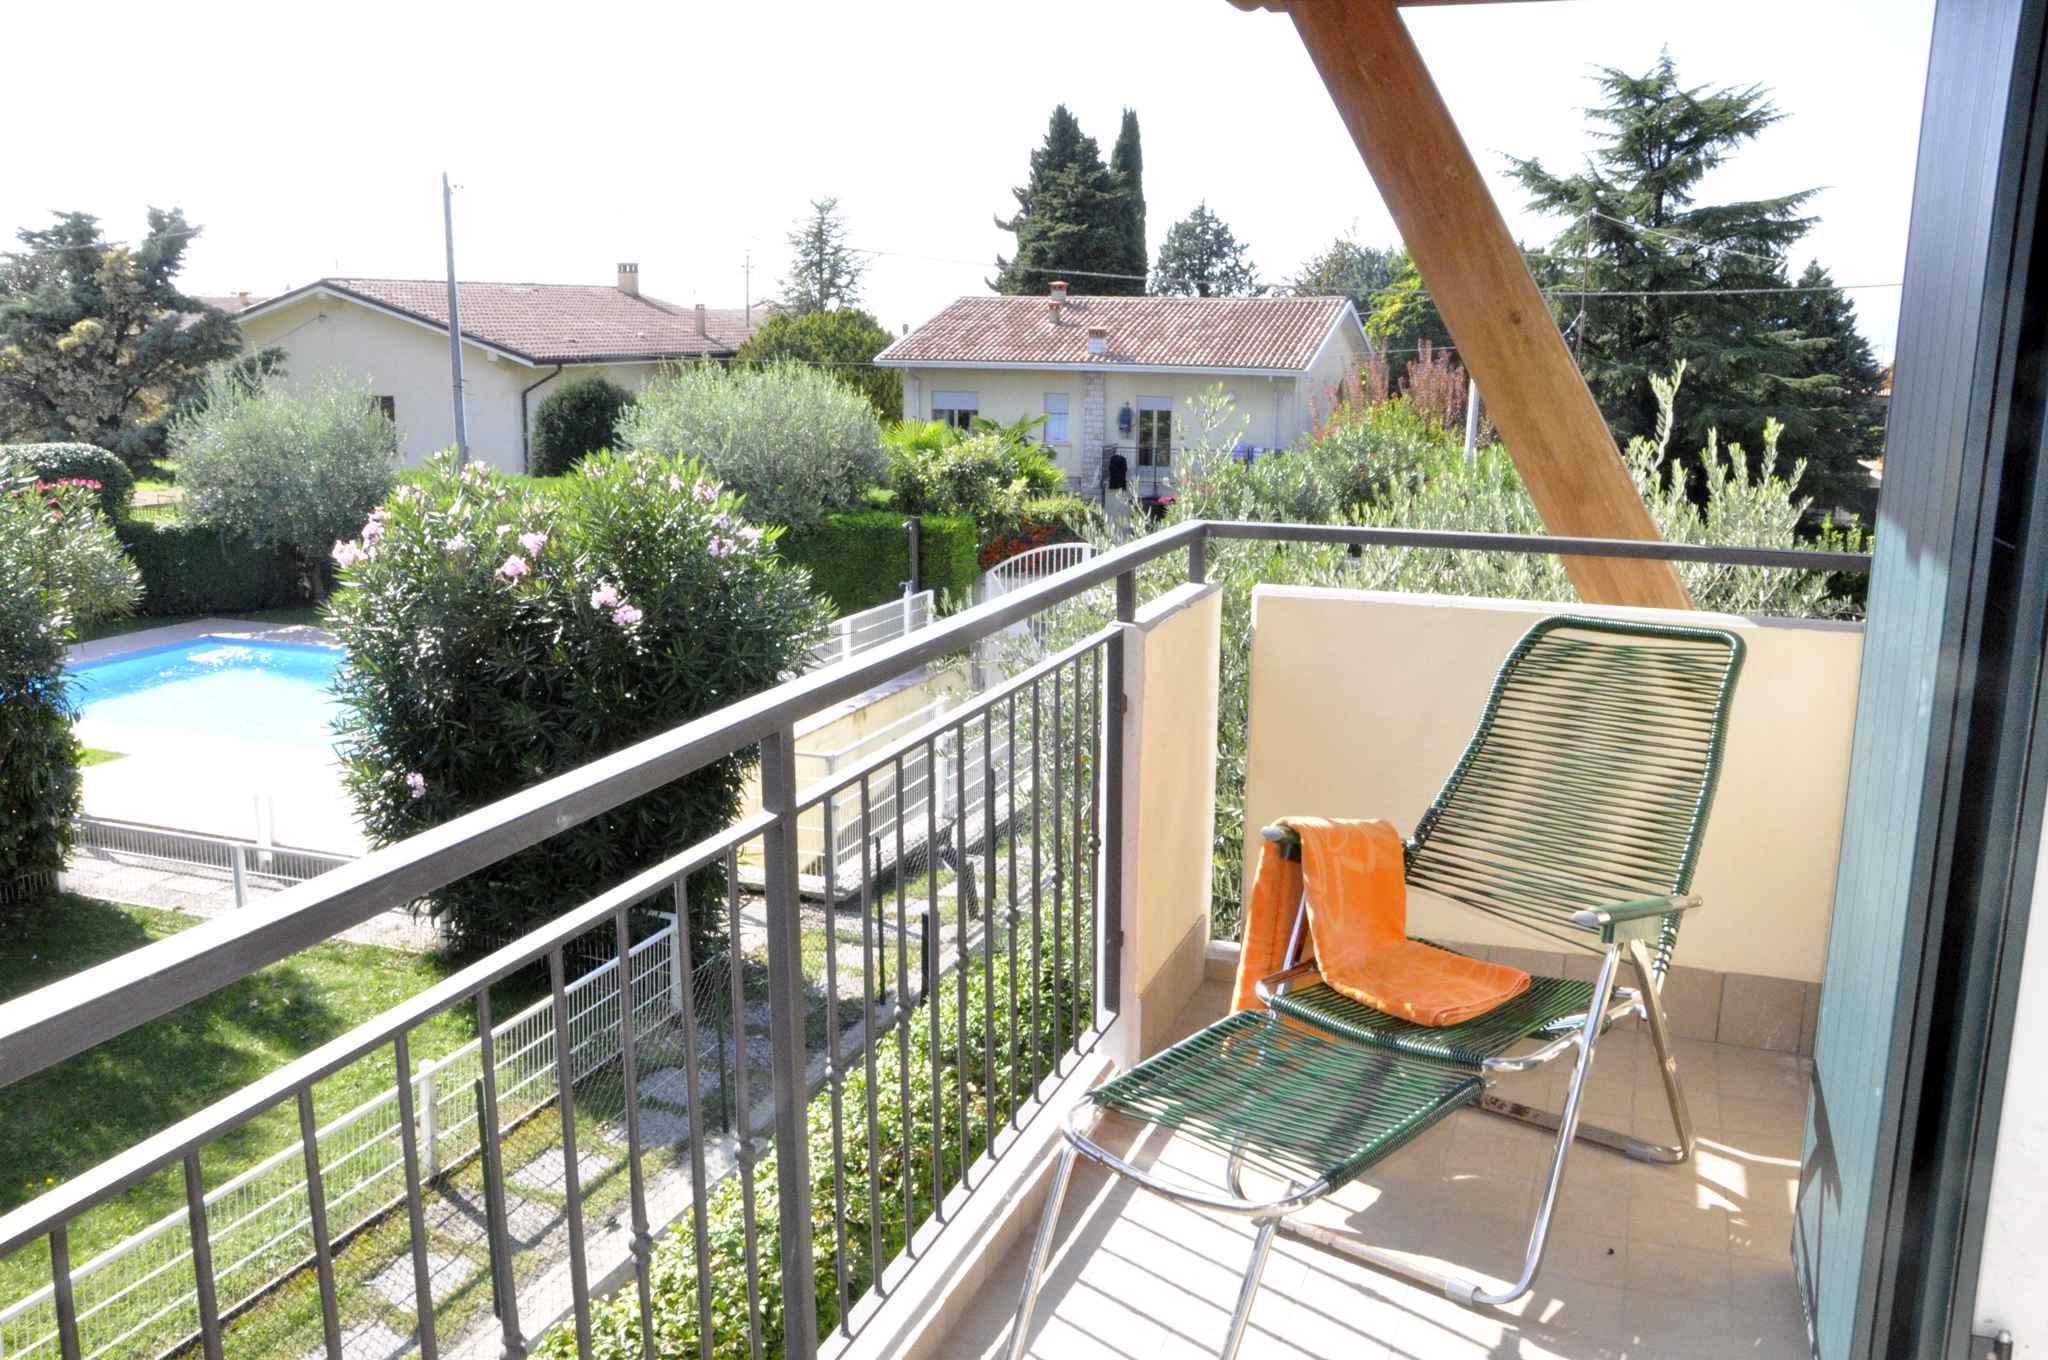 Ferienwohnung mit Pool (485665), Lazise, Gardasee, Venetien, Italien, Bild 6